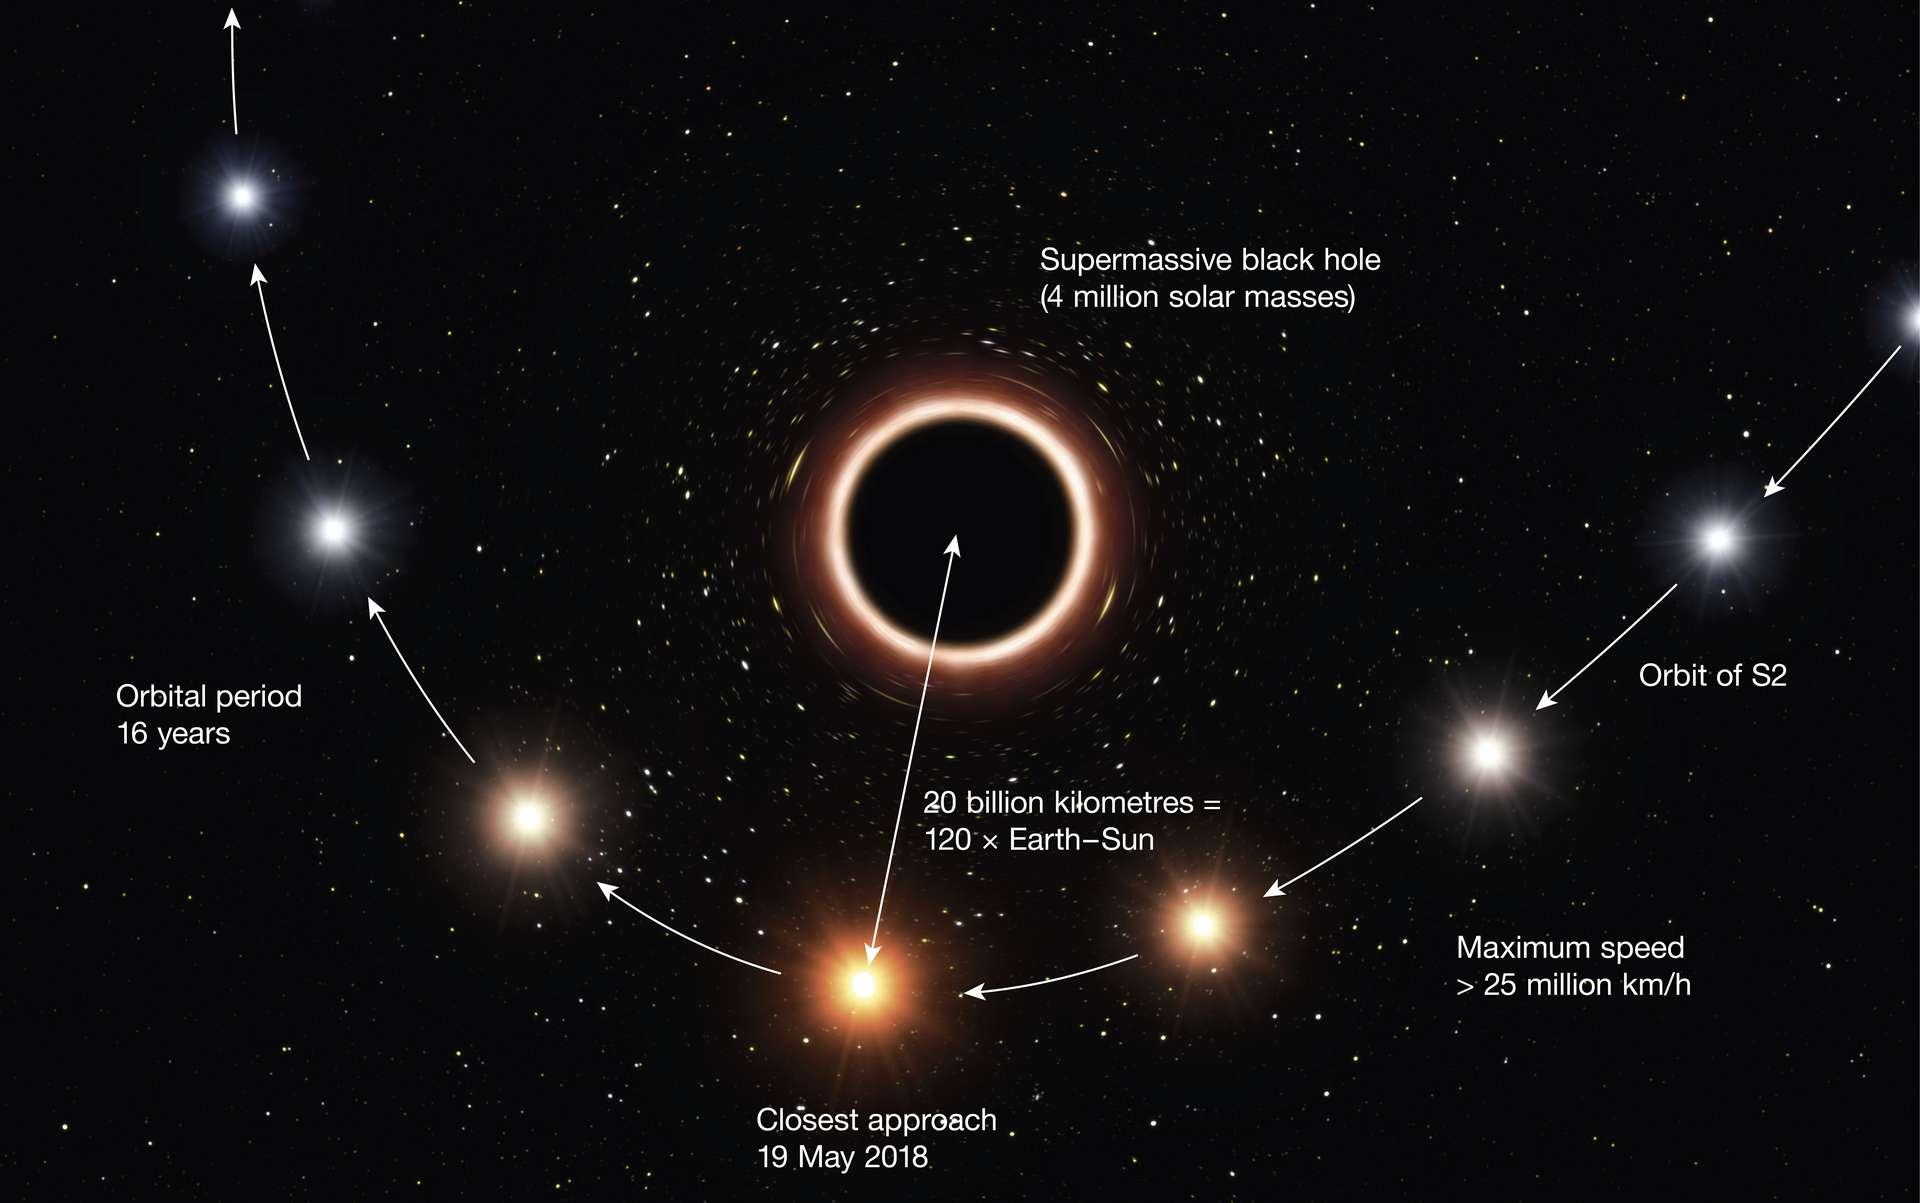 Description du passage de l'étoile S2 au plus proche du trou noir supermassif Sagittarius A* au cours de son orbite de 16 ans autour de cet objet. L'étude de S2 a conduit à la détermination la plus précise de la distance nous séparant du trou noir, ainsi que de sa masse. © ESO, M. Kornmesser